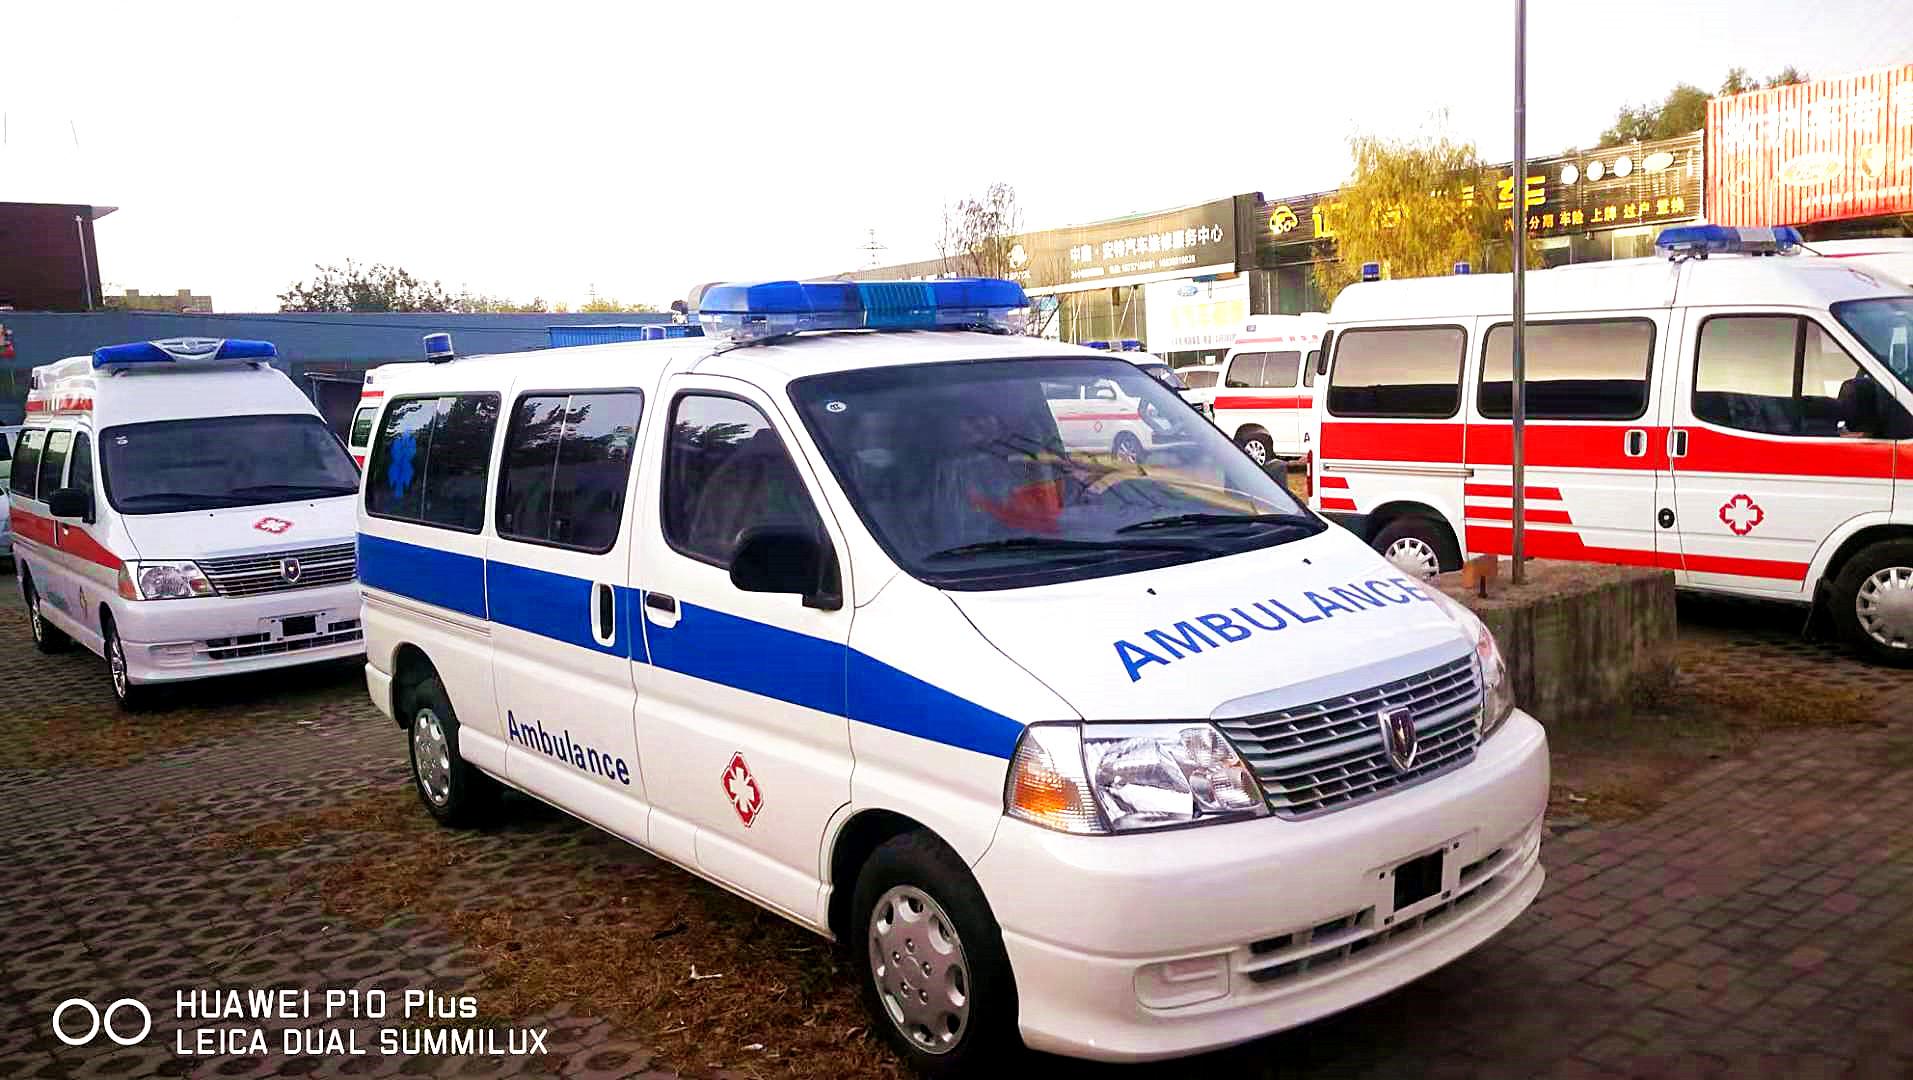 120急救车4G视频监控系统解决方案